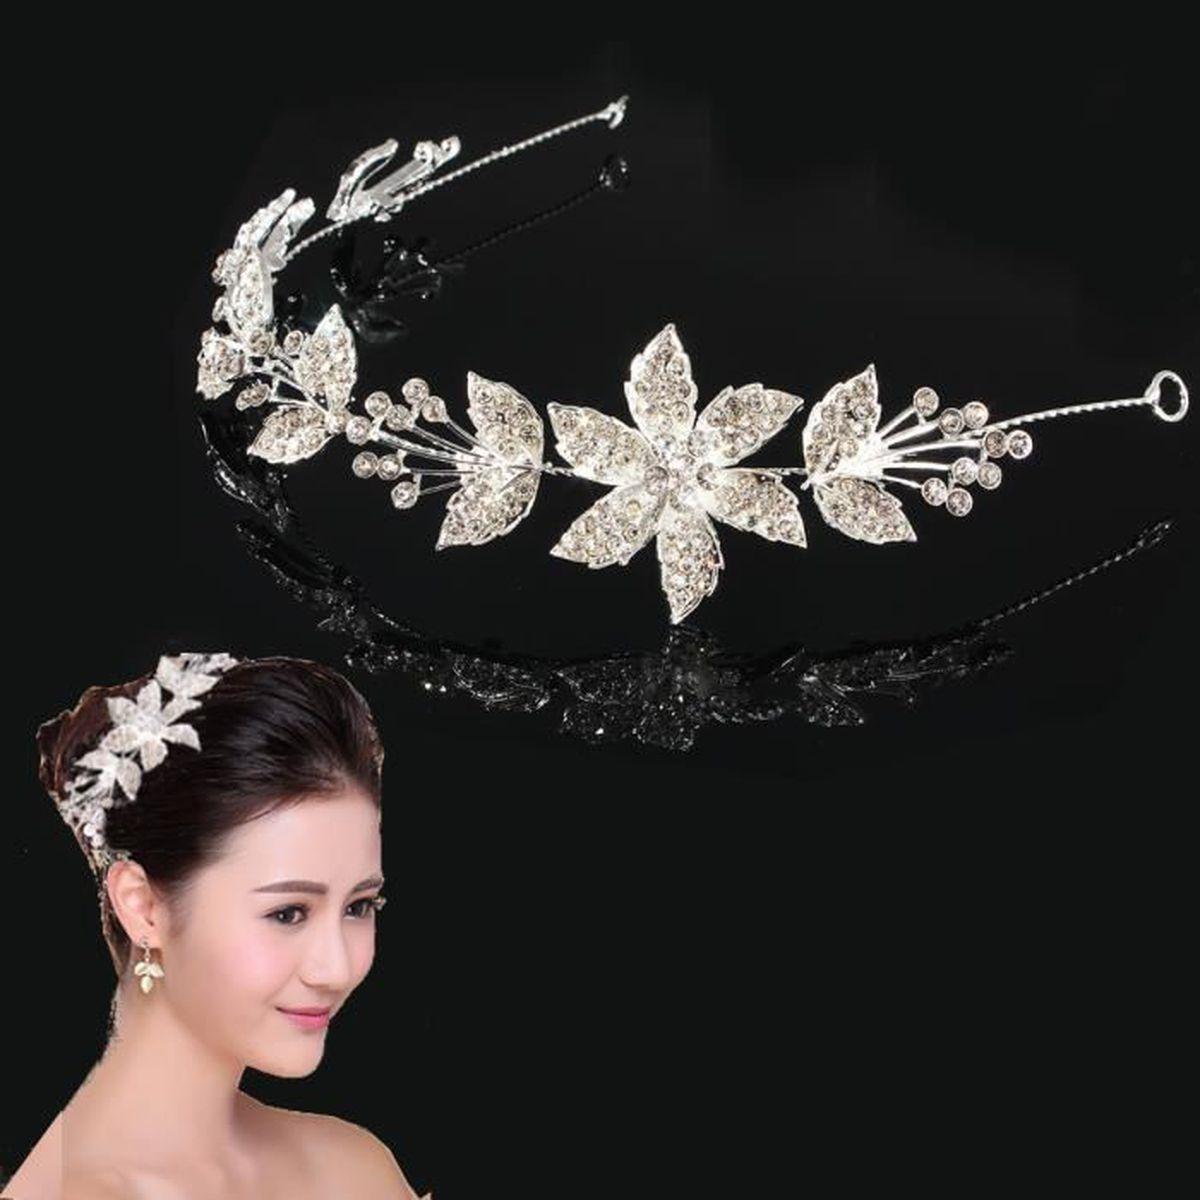 couronne mariage soir e bijoux cheveux diad me cristal brillant feuille fleur achat vente. Black Bedroom Furniture Sets. Home Design Ideas